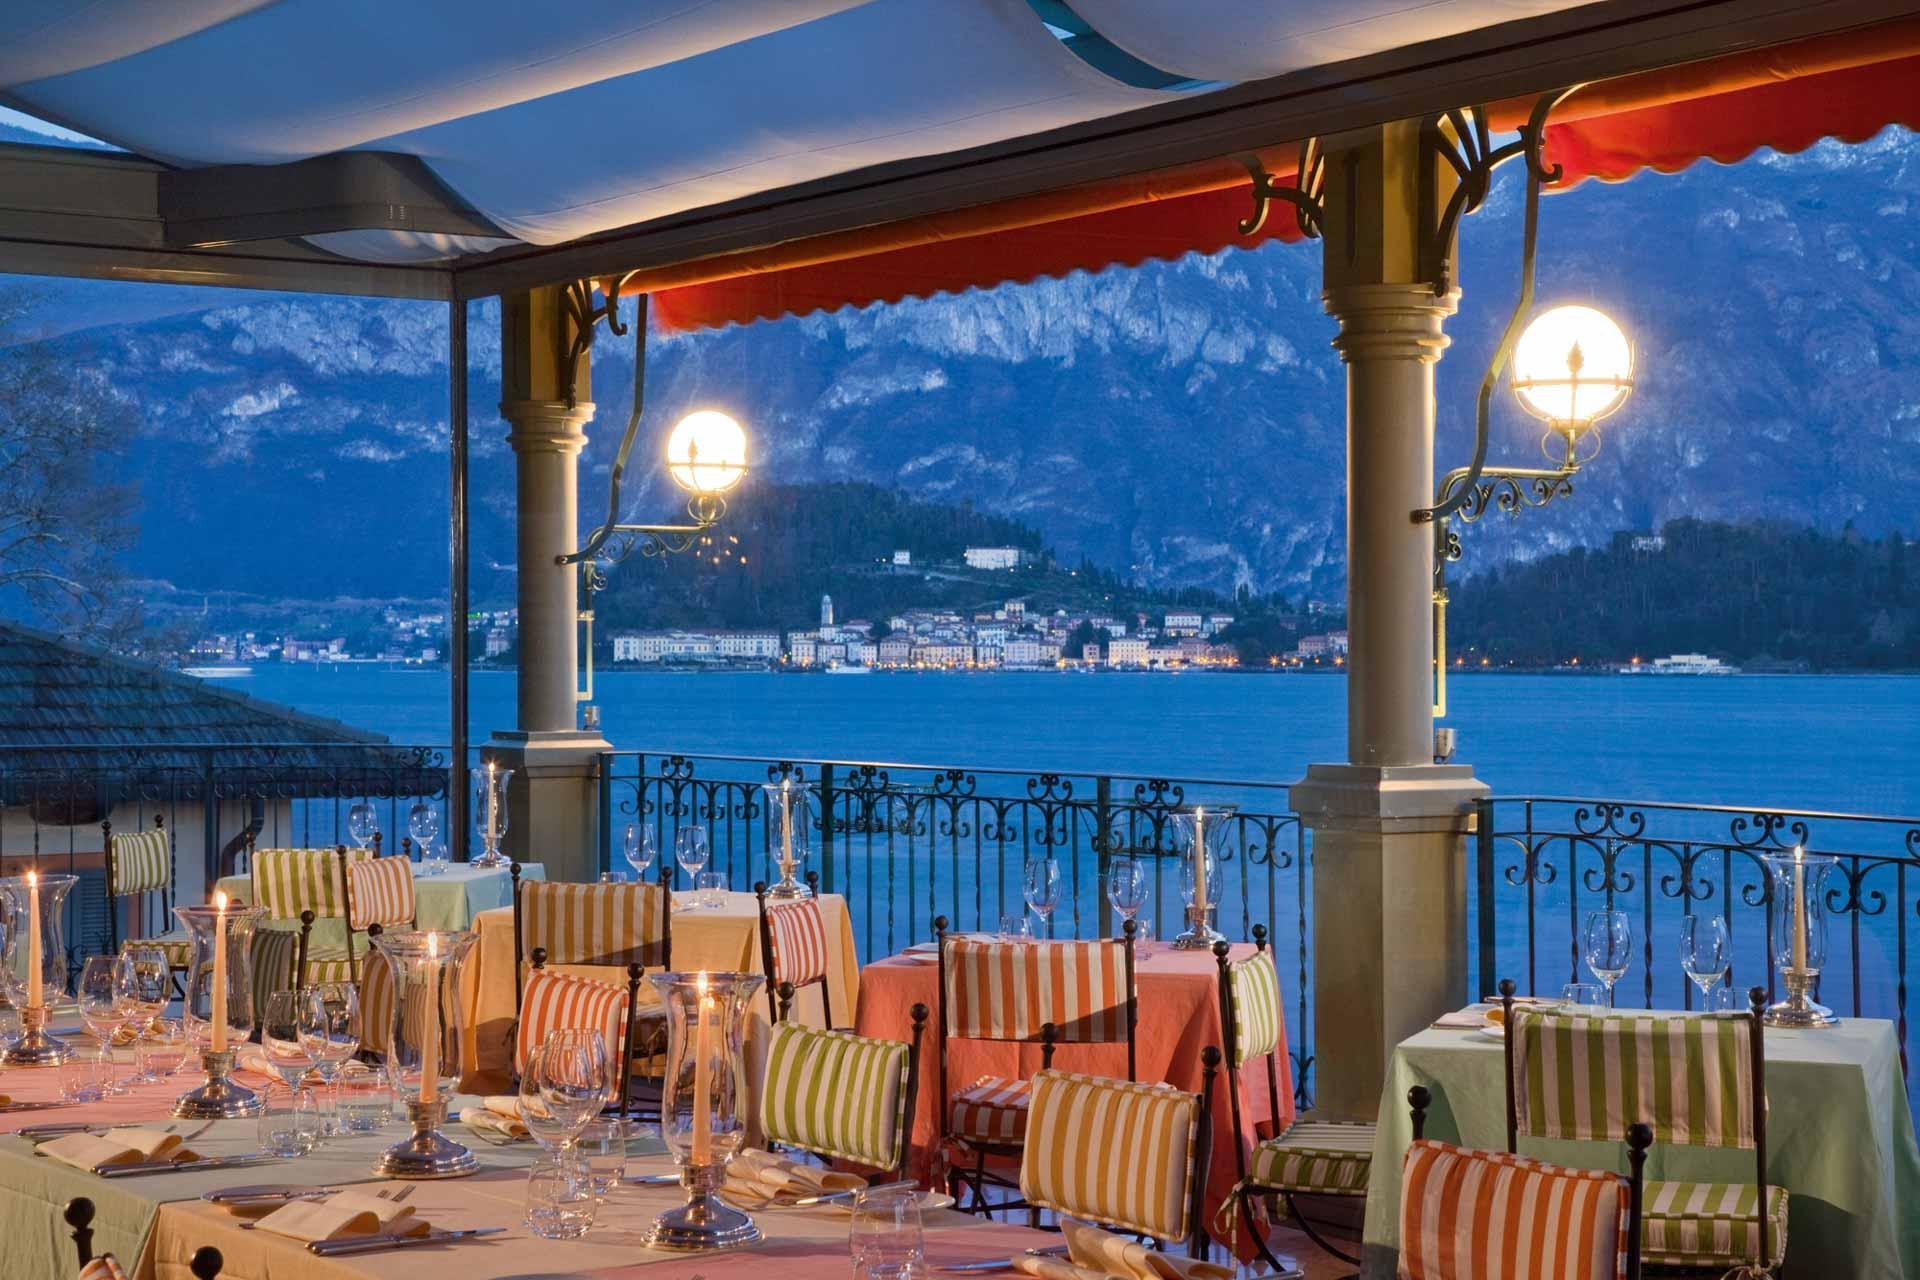 La Terrazza Gualtiero Marchesi © Grand Hotel Tremezzo